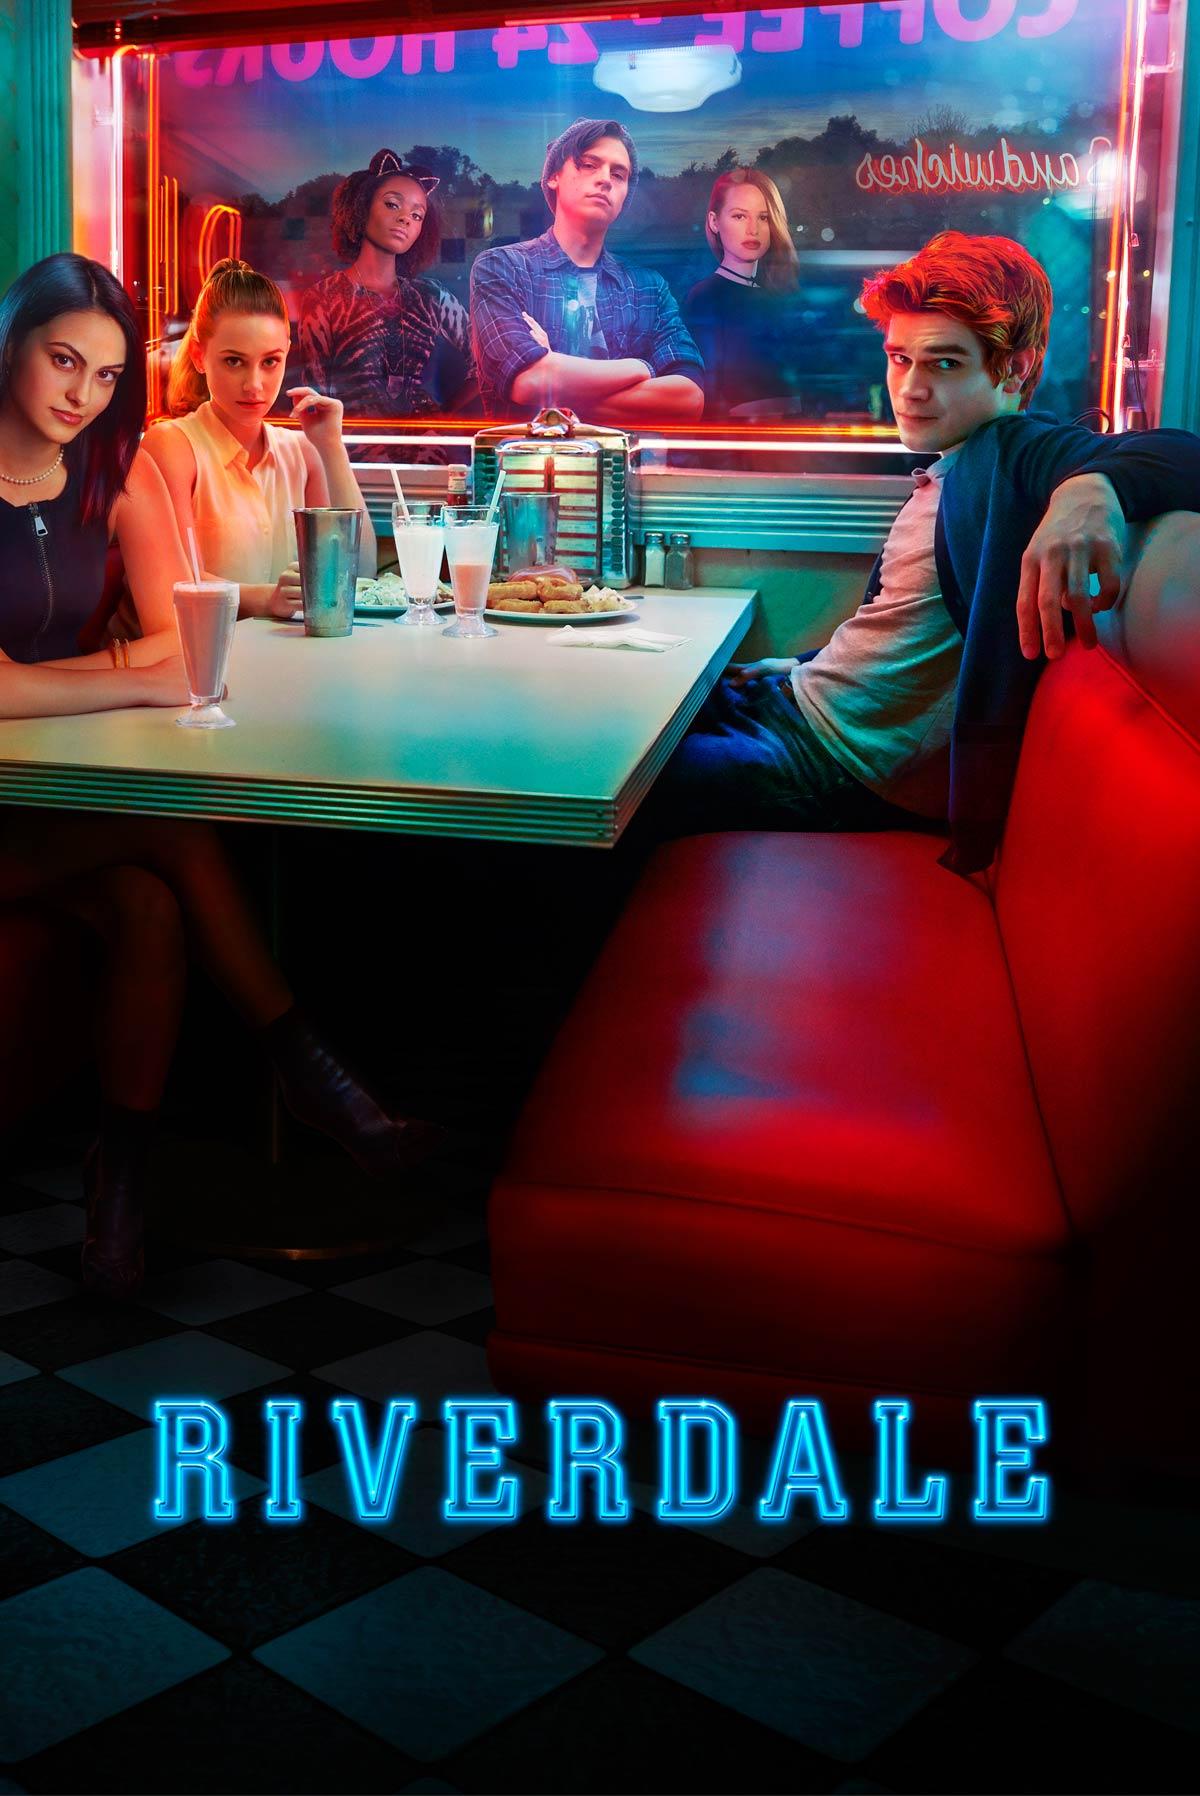 Riverdale - Serie 2017 - SensaCine com